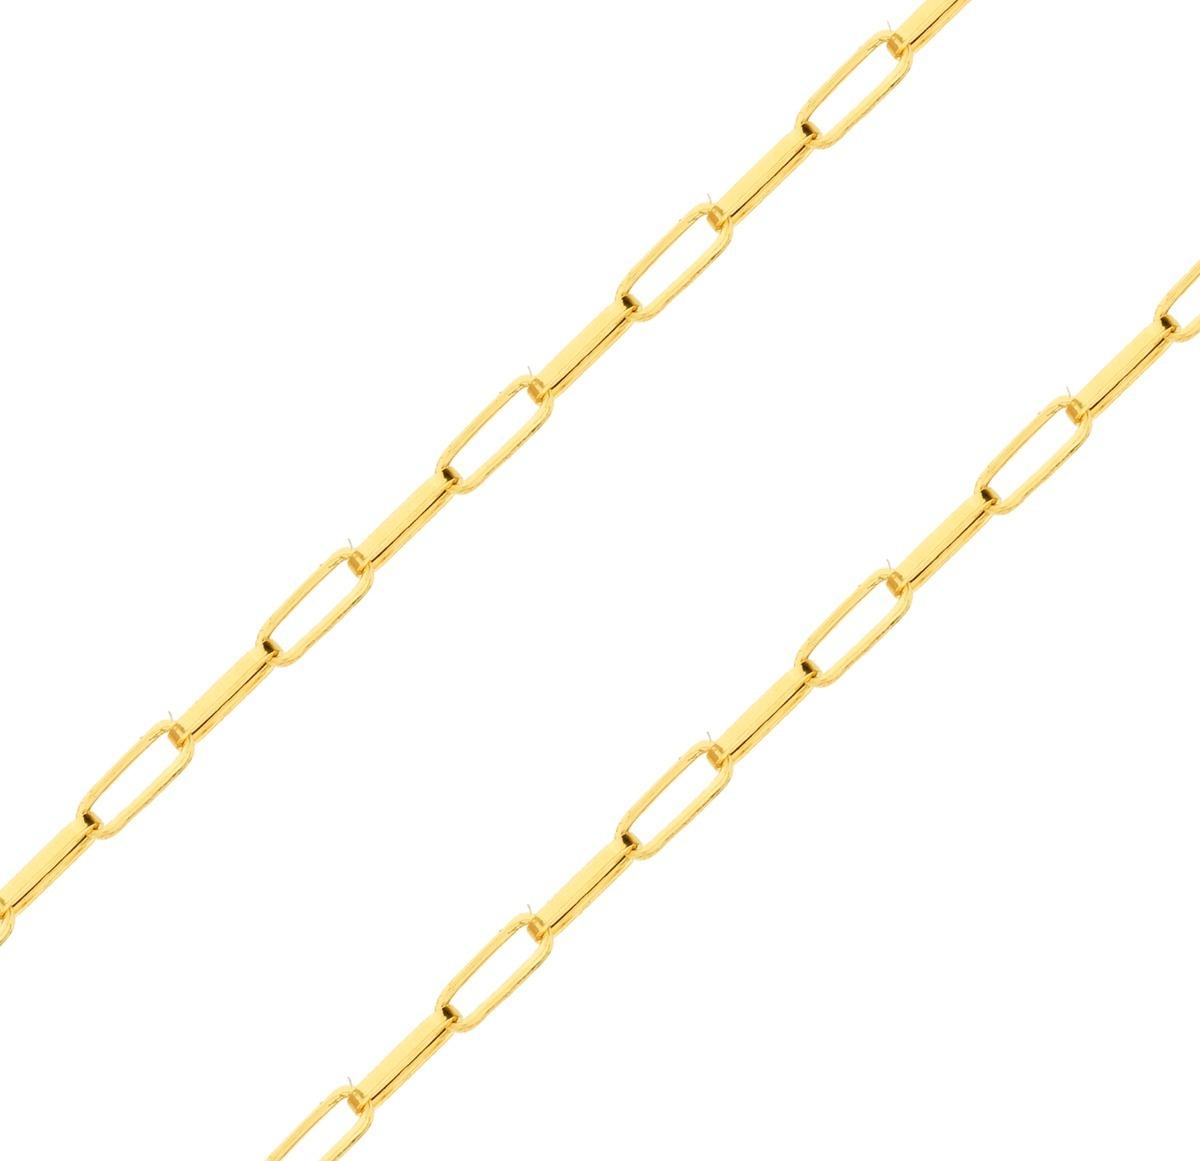 eb593a2551709 corrente de ouro 18k masculina 70cm - malha cartier 3mm. Carregando zoom.